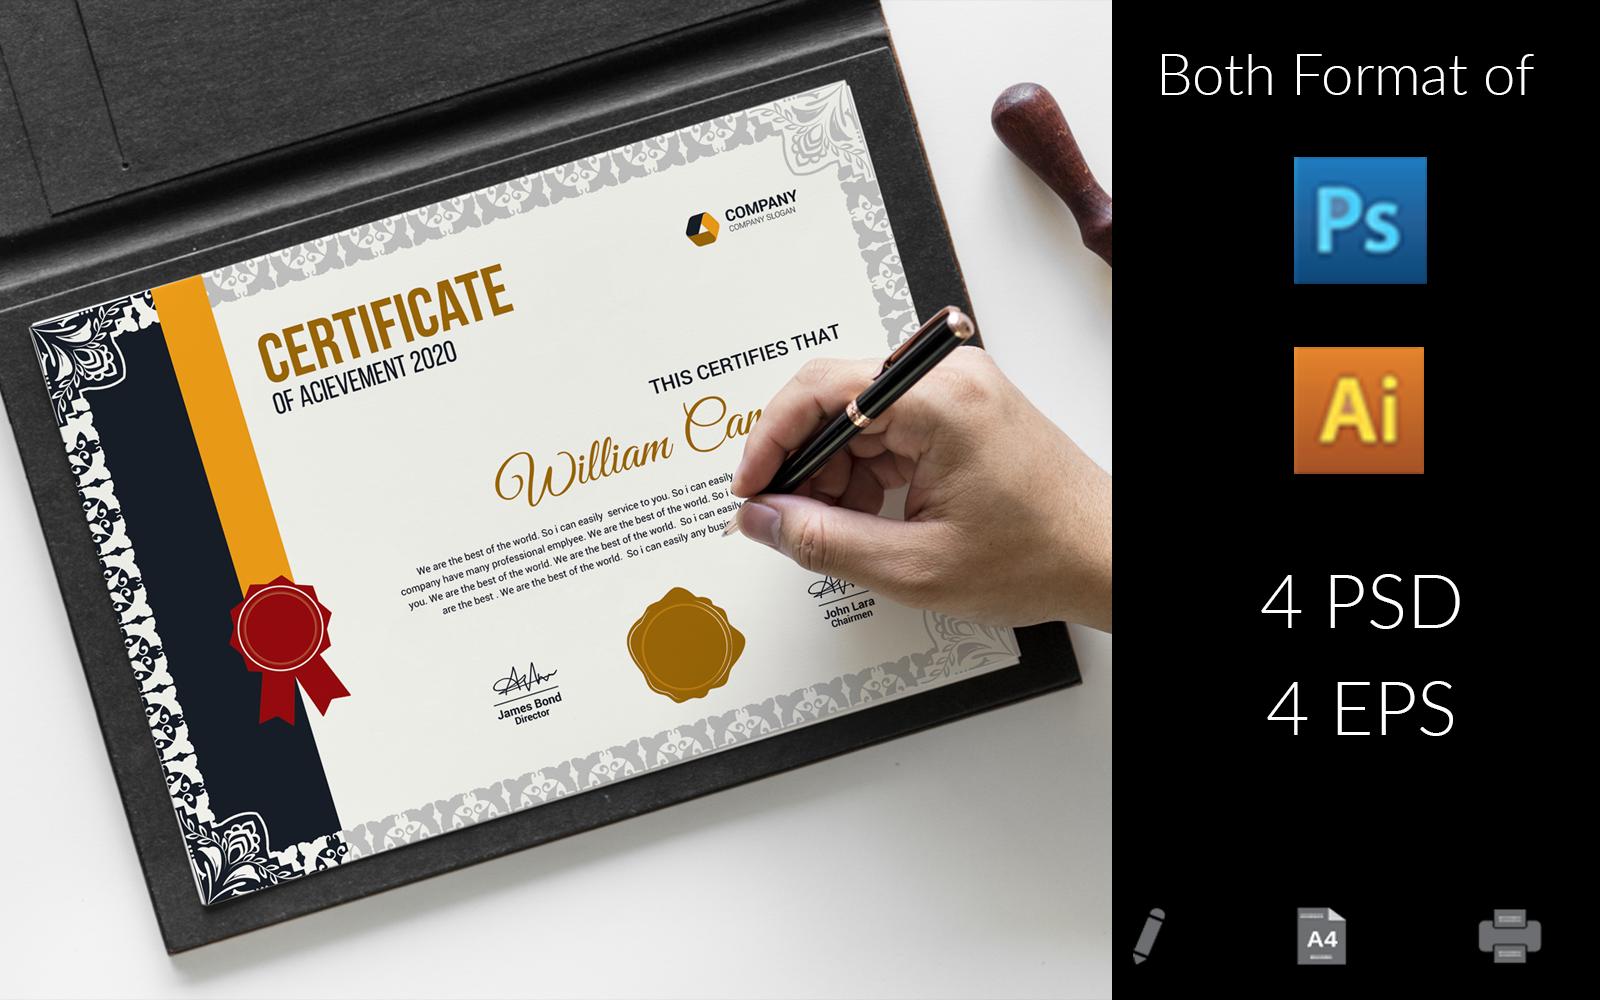 Web Design Certificate Template 158458